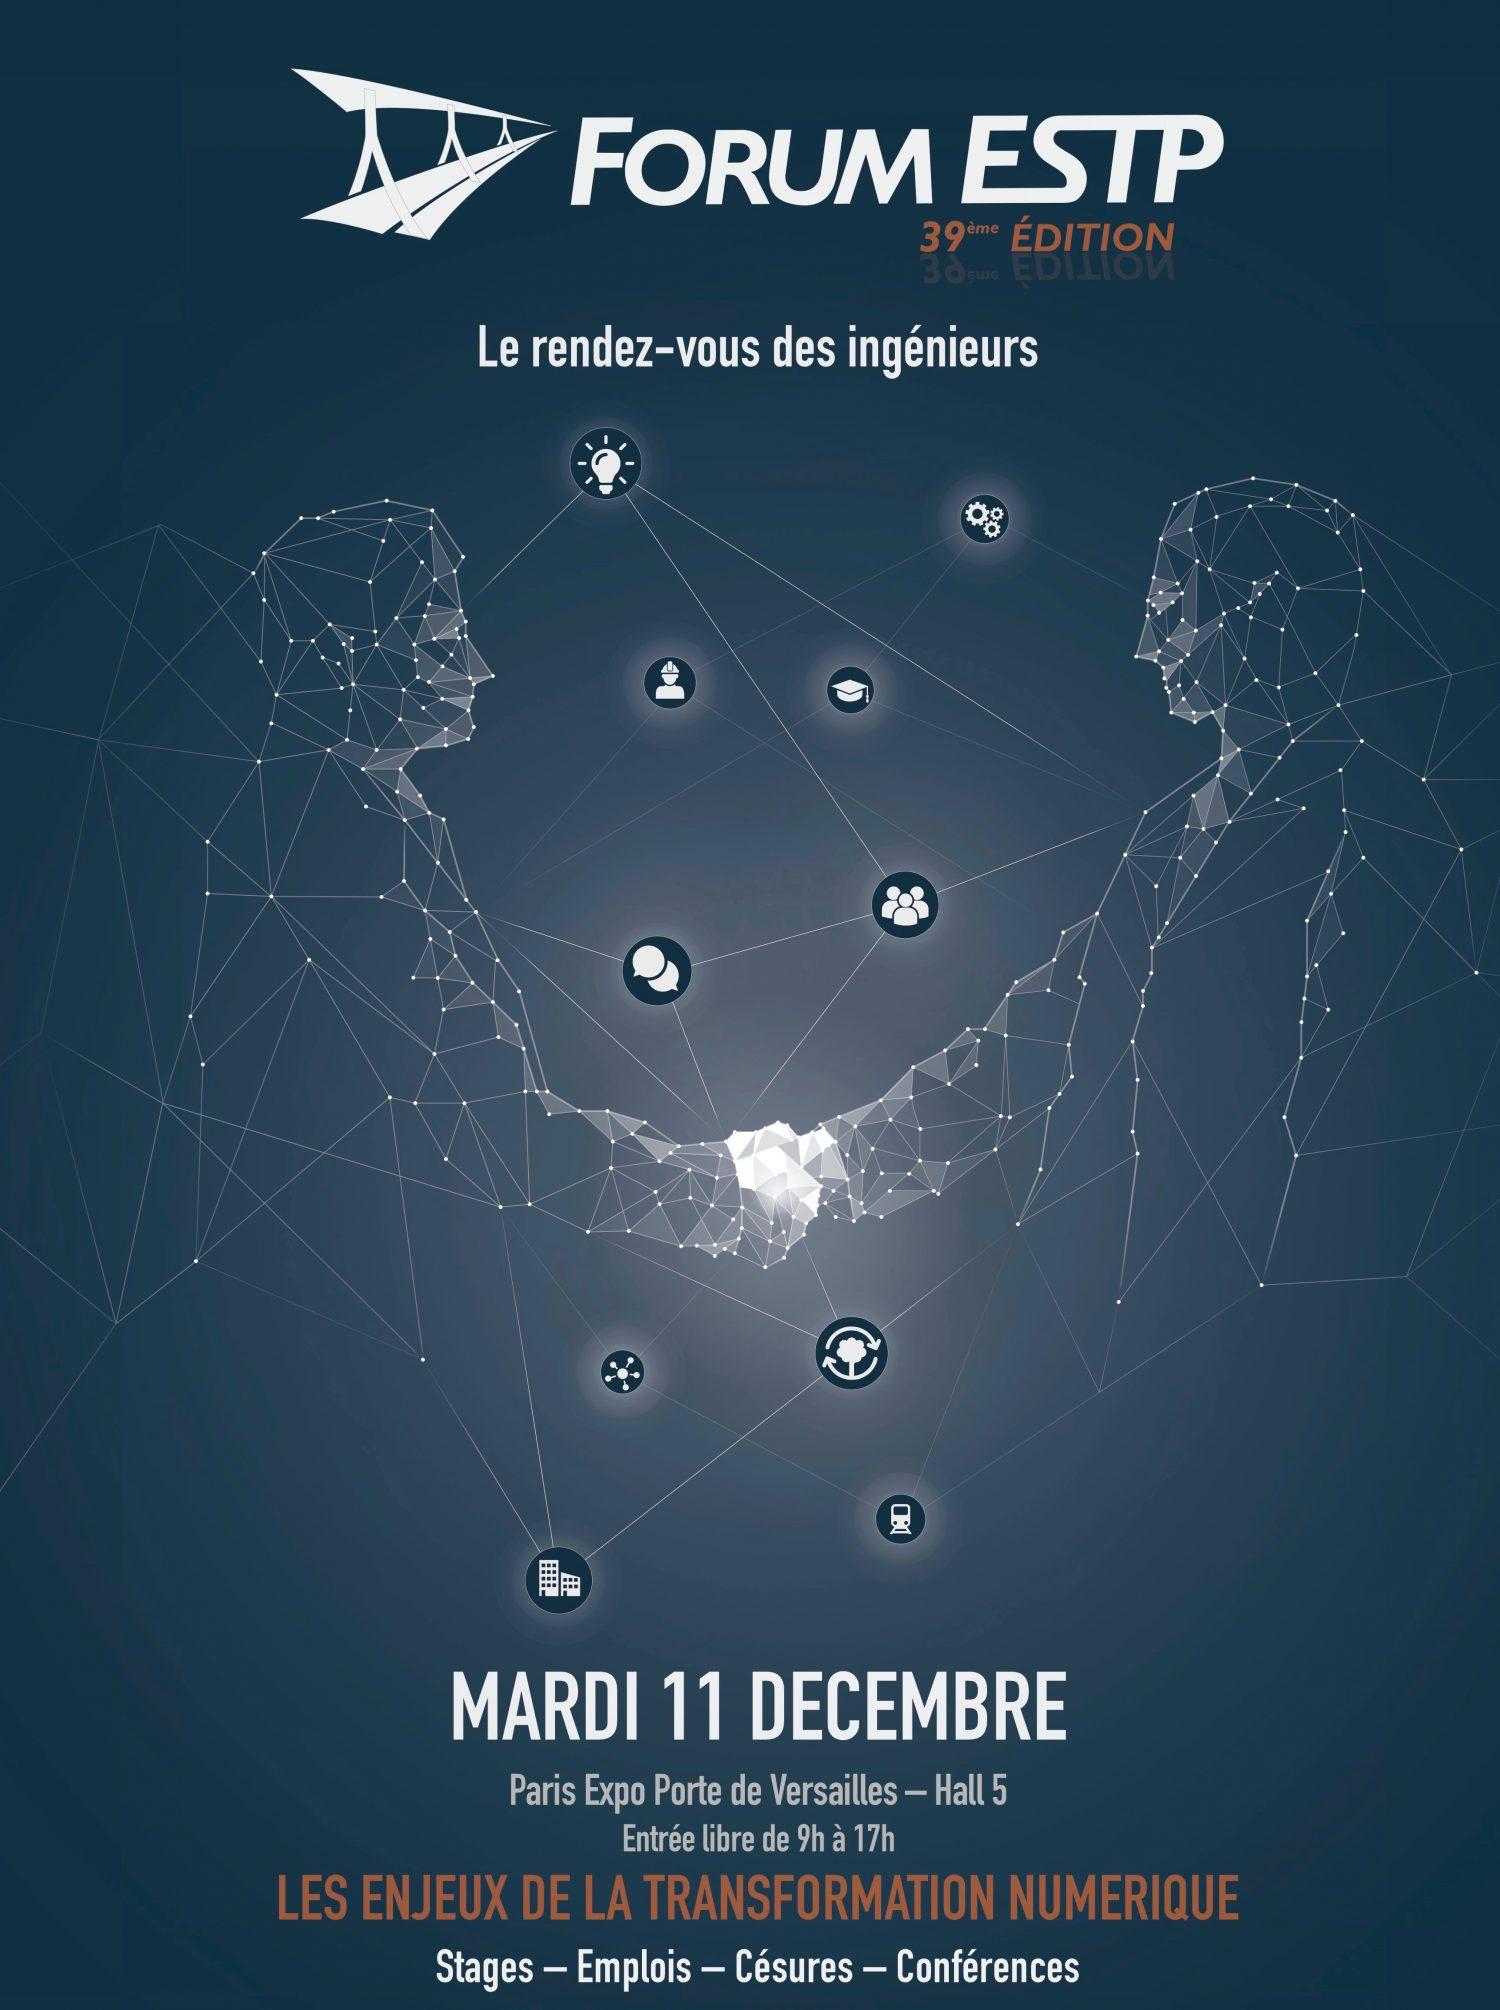 Rendez-vous au Forum ESTP le 11 décembre